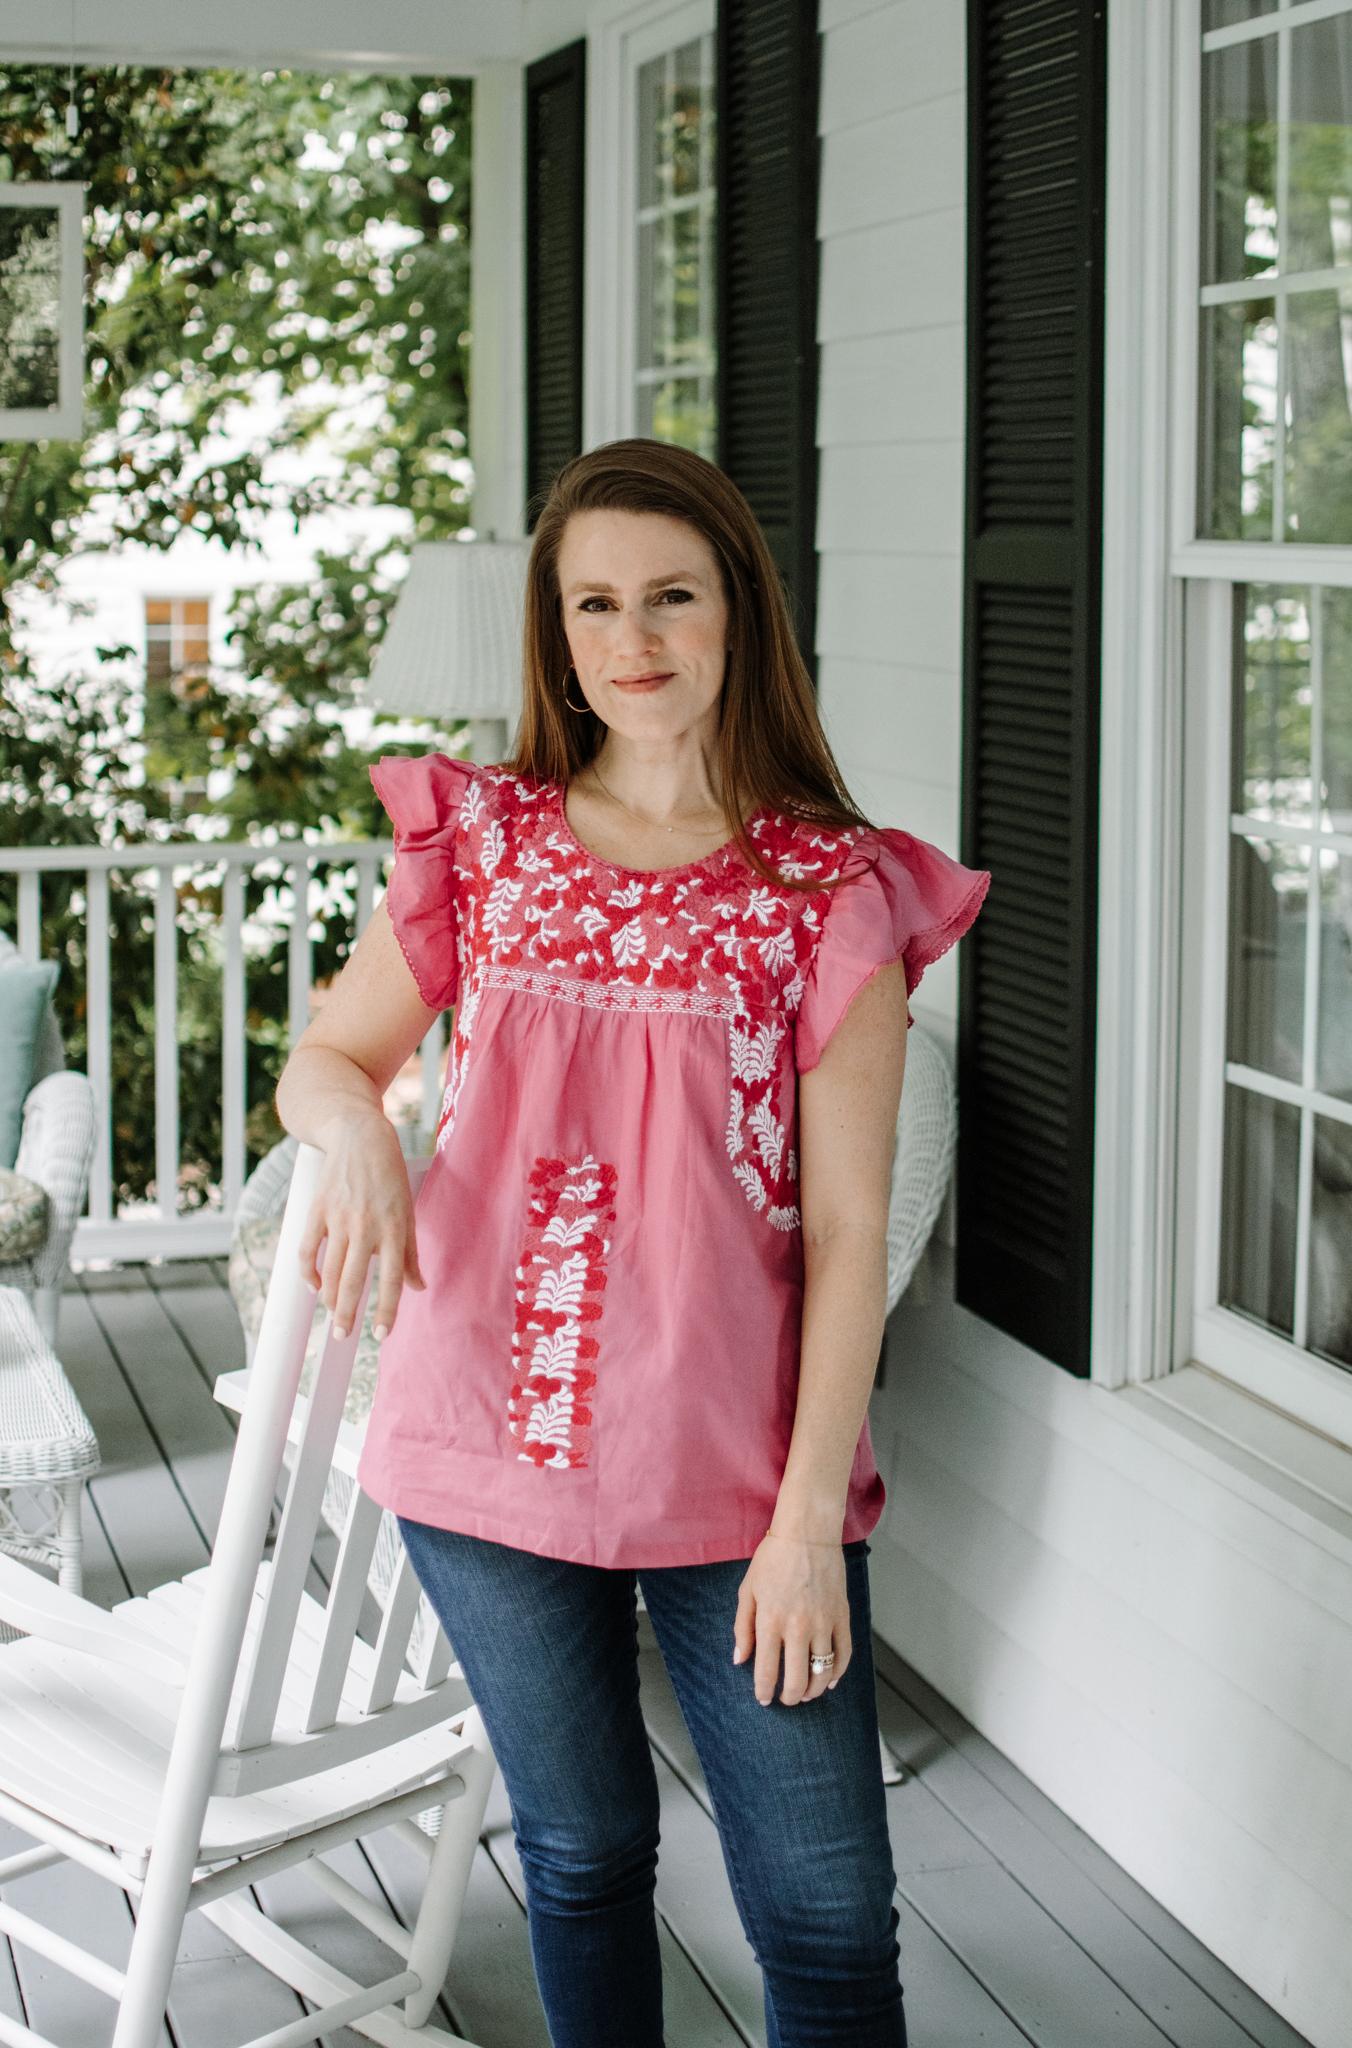 j marie designs review - j marie designs cam blouse - cheap mexican blouses - mi golondrina dupe